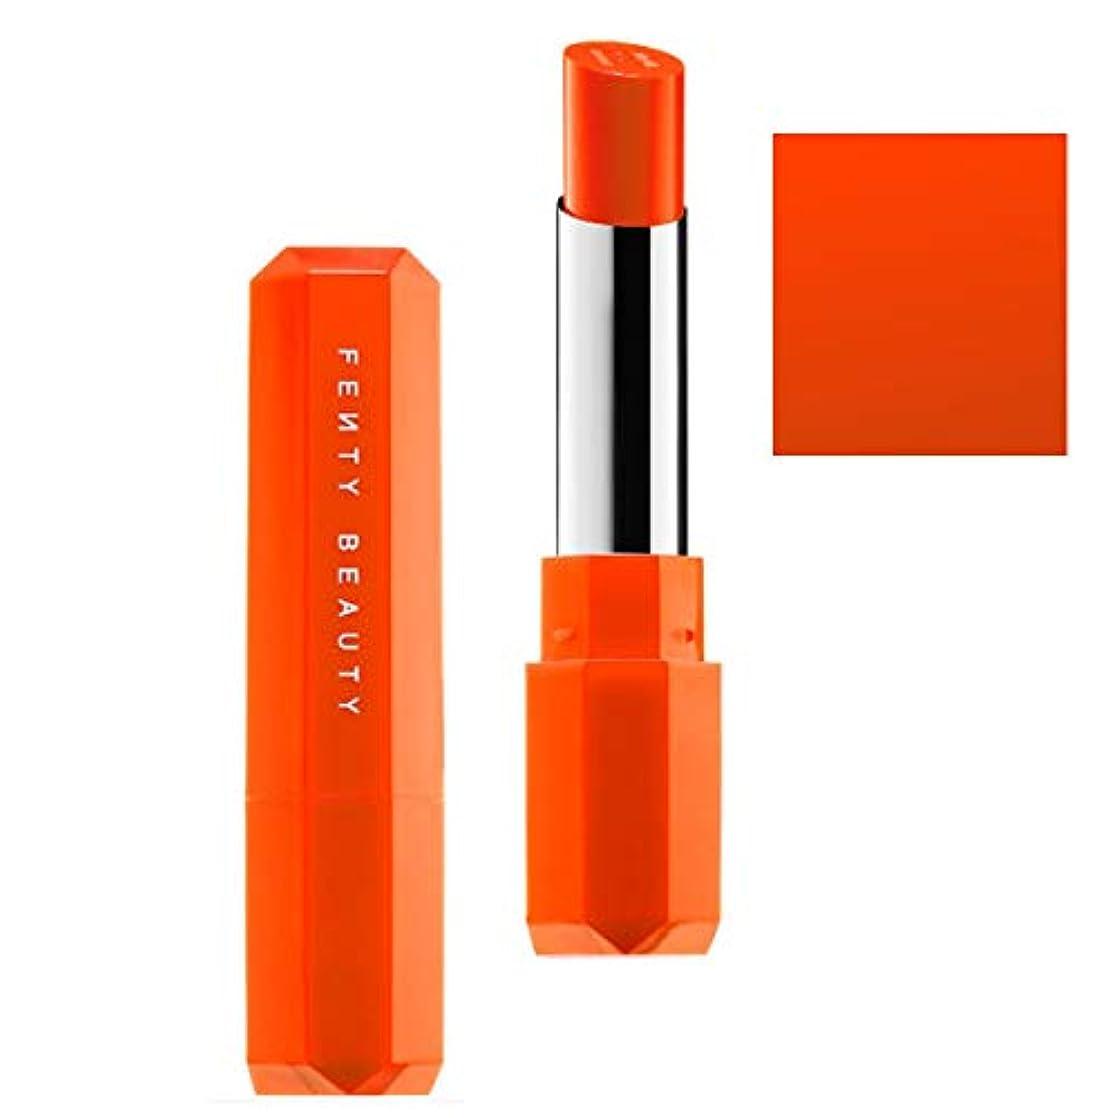 小麦粉振るうマガジンFENTY BEAUTY BY RIHANNA,New!!, 限定版 limited-edition, Poutsicle Juicy Satin Lipstick - Sun Snatched [海外直送品] [並行輸入品]